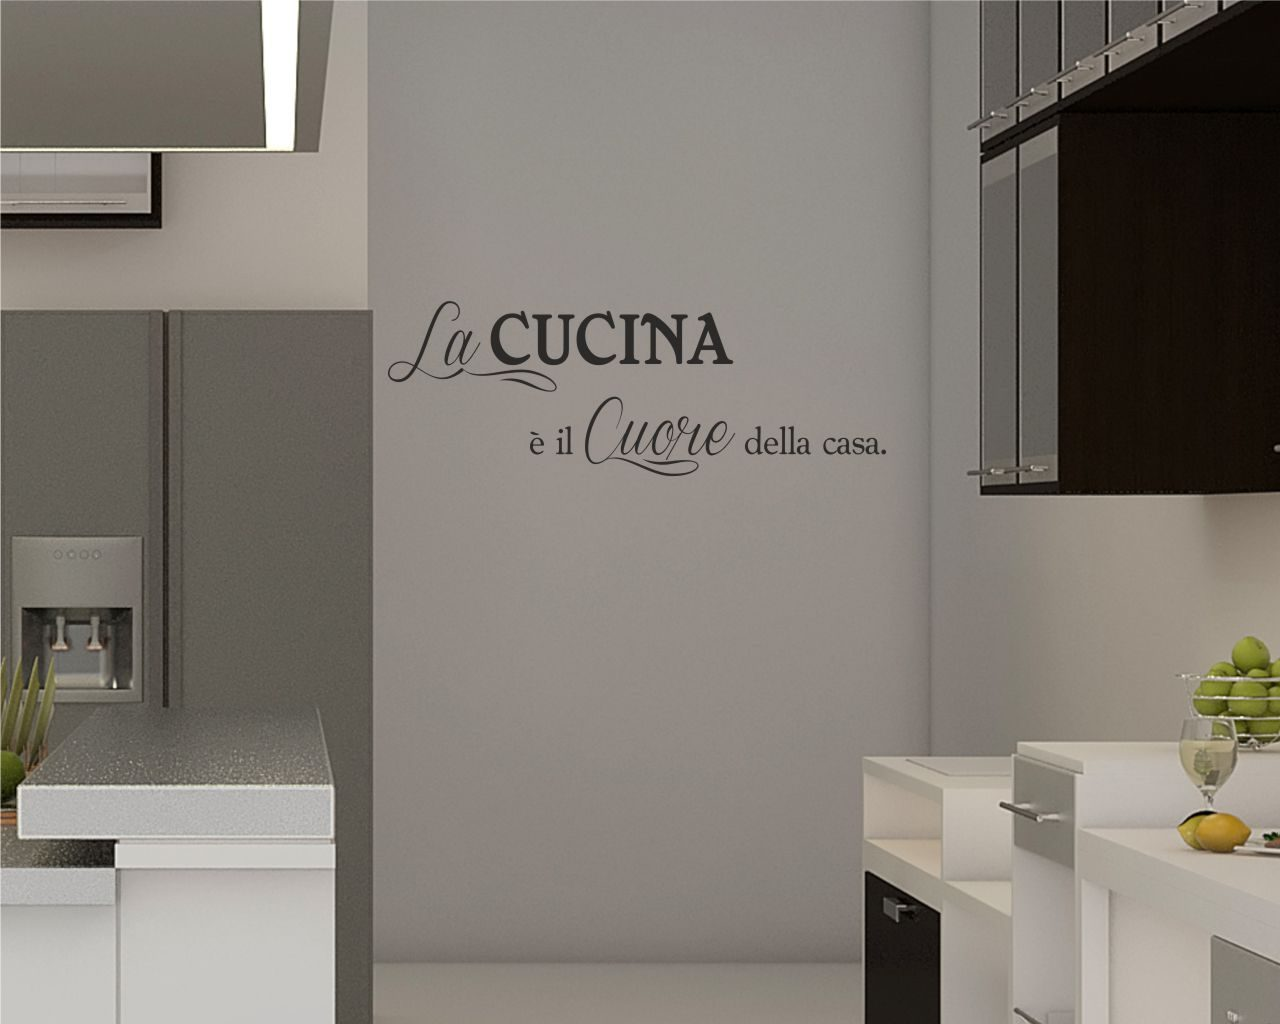 Il cuore della casa food adesivo murale for Scritte adesive cucina